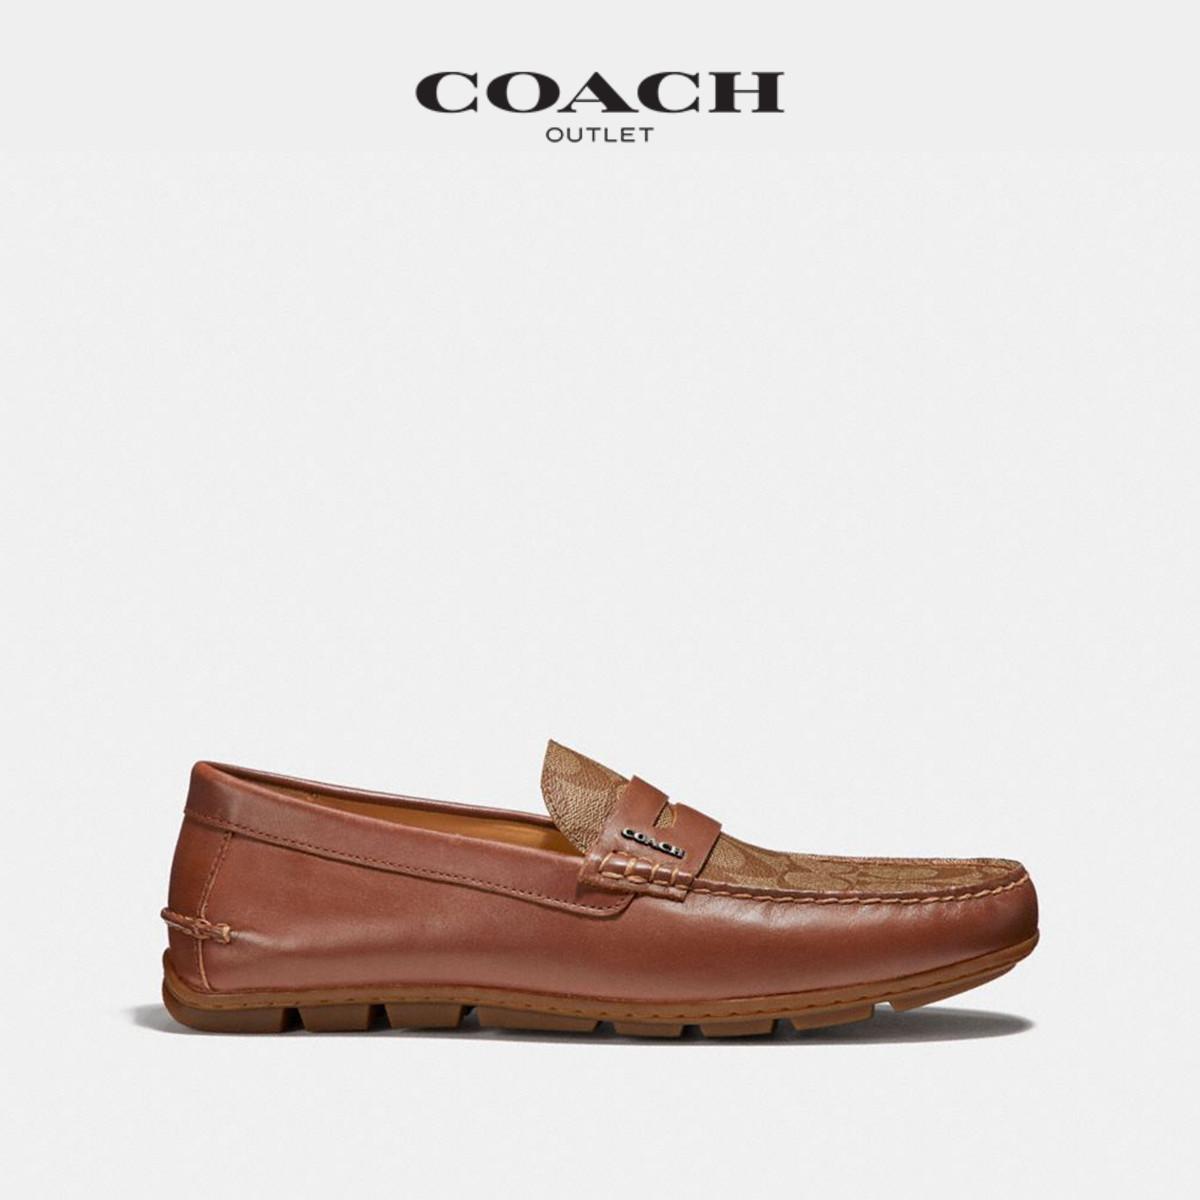 船鞋时尚休闲鞋百搭一脚蹬舒适懒人鞋黑色 MOTT 蔻驰男士 COACH